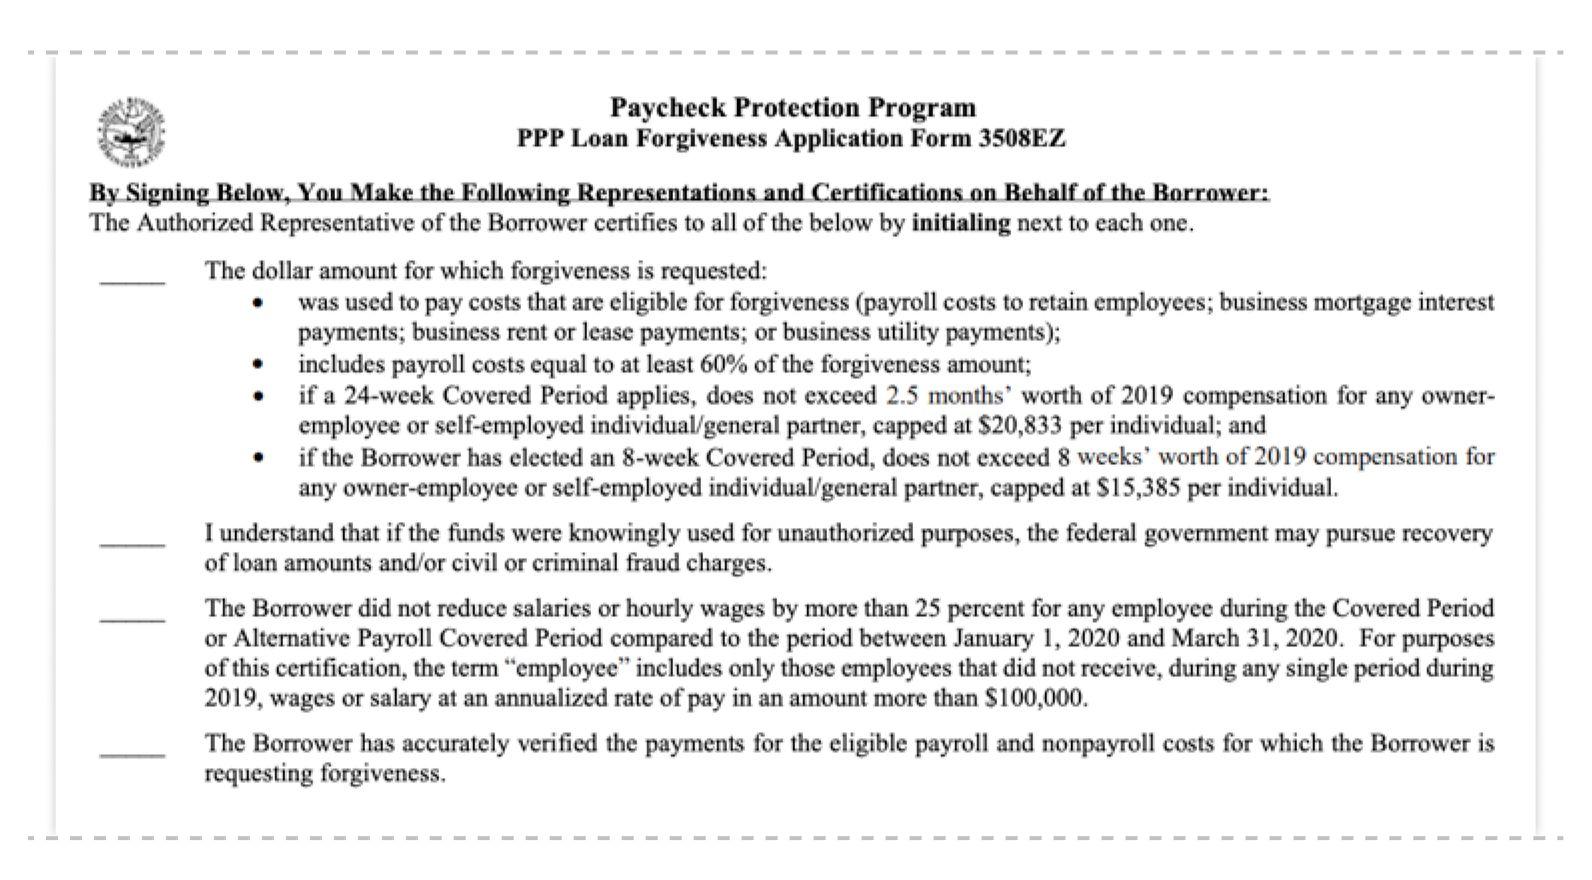 ppp loan forgiveness application form 3508ez authorize part 1